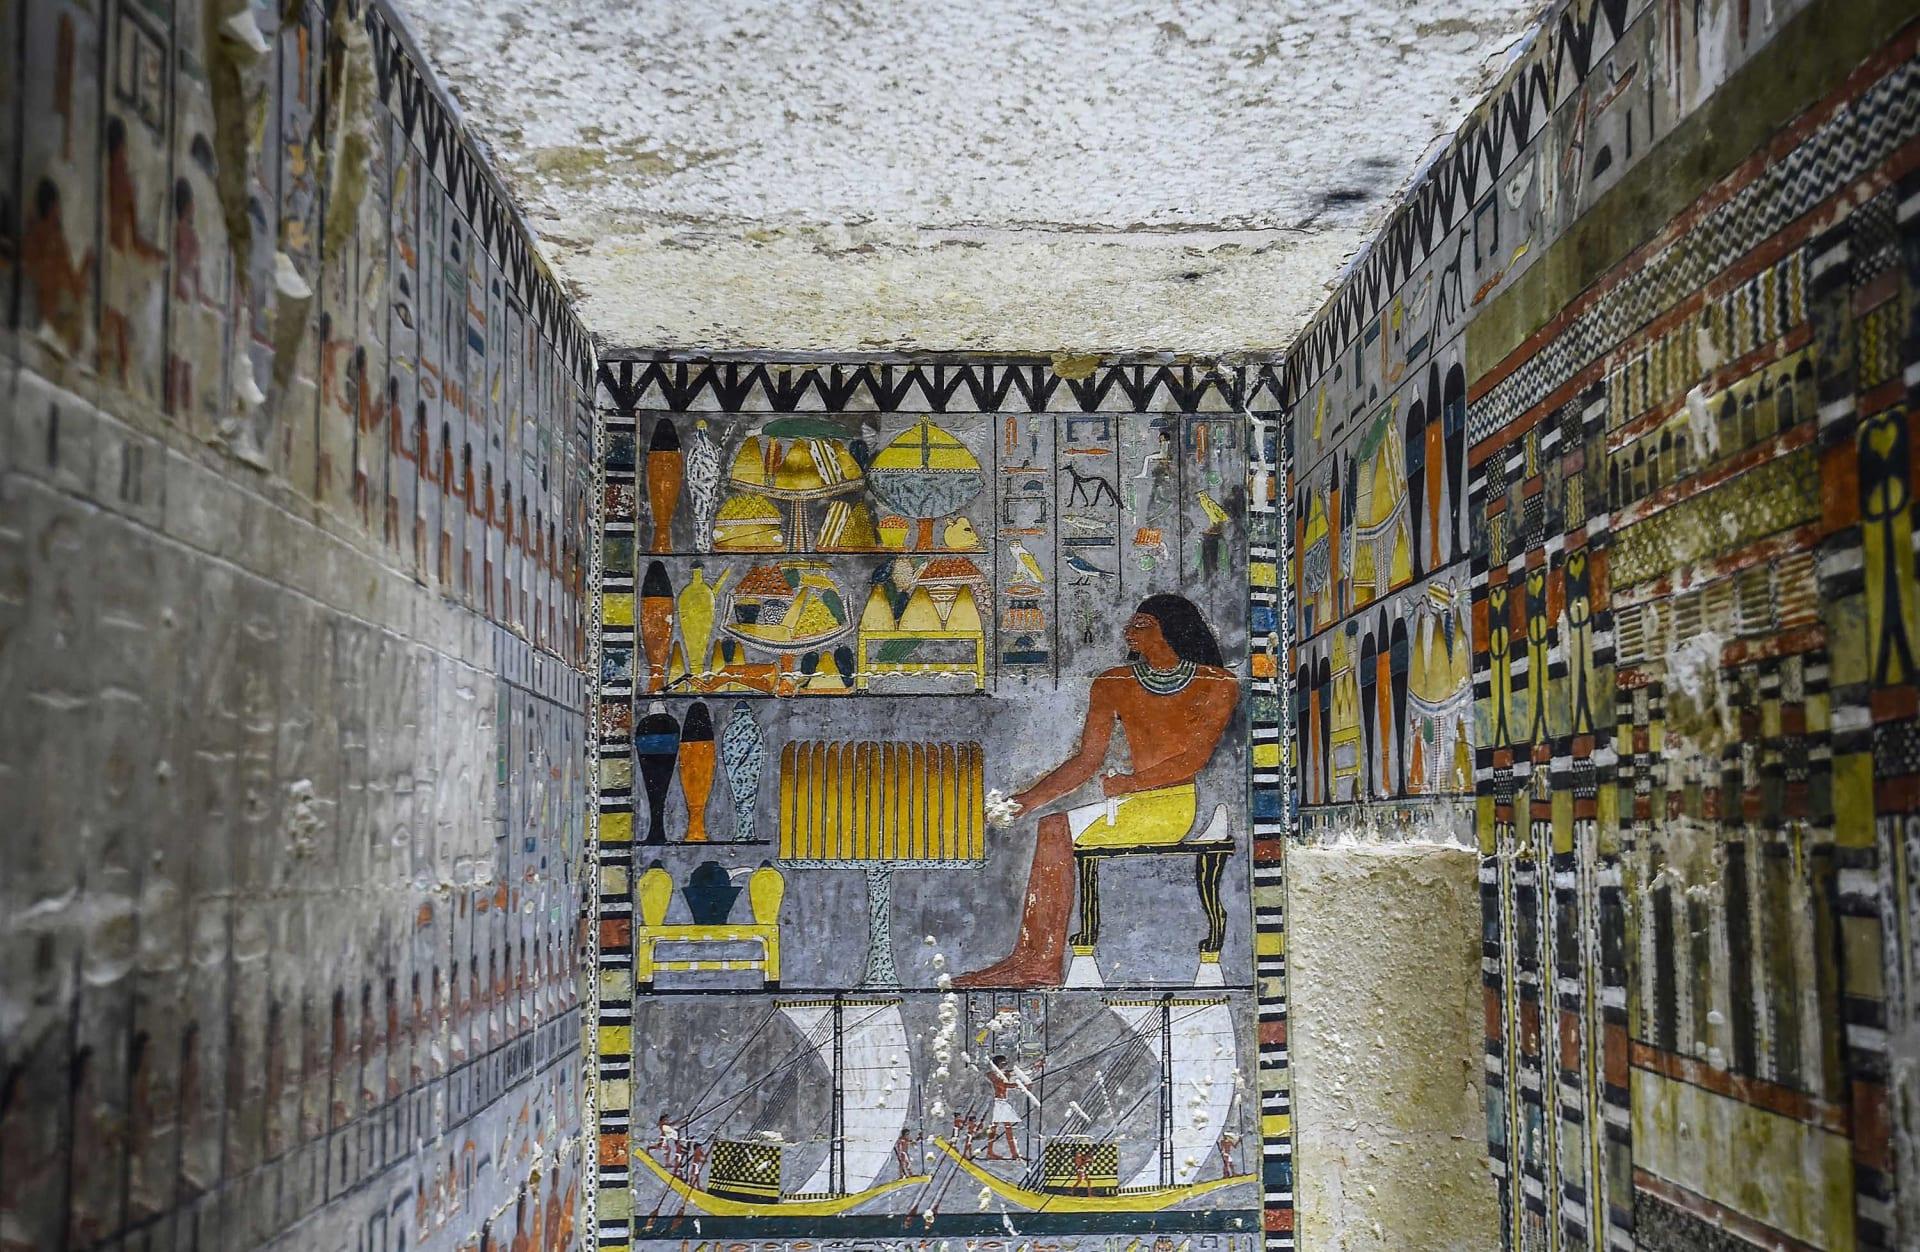 ما هو الأمر الذي حير العلماء في هذه المقبرة المصرية الملونة التي يتجاوز عمرها 4 آلاف عام